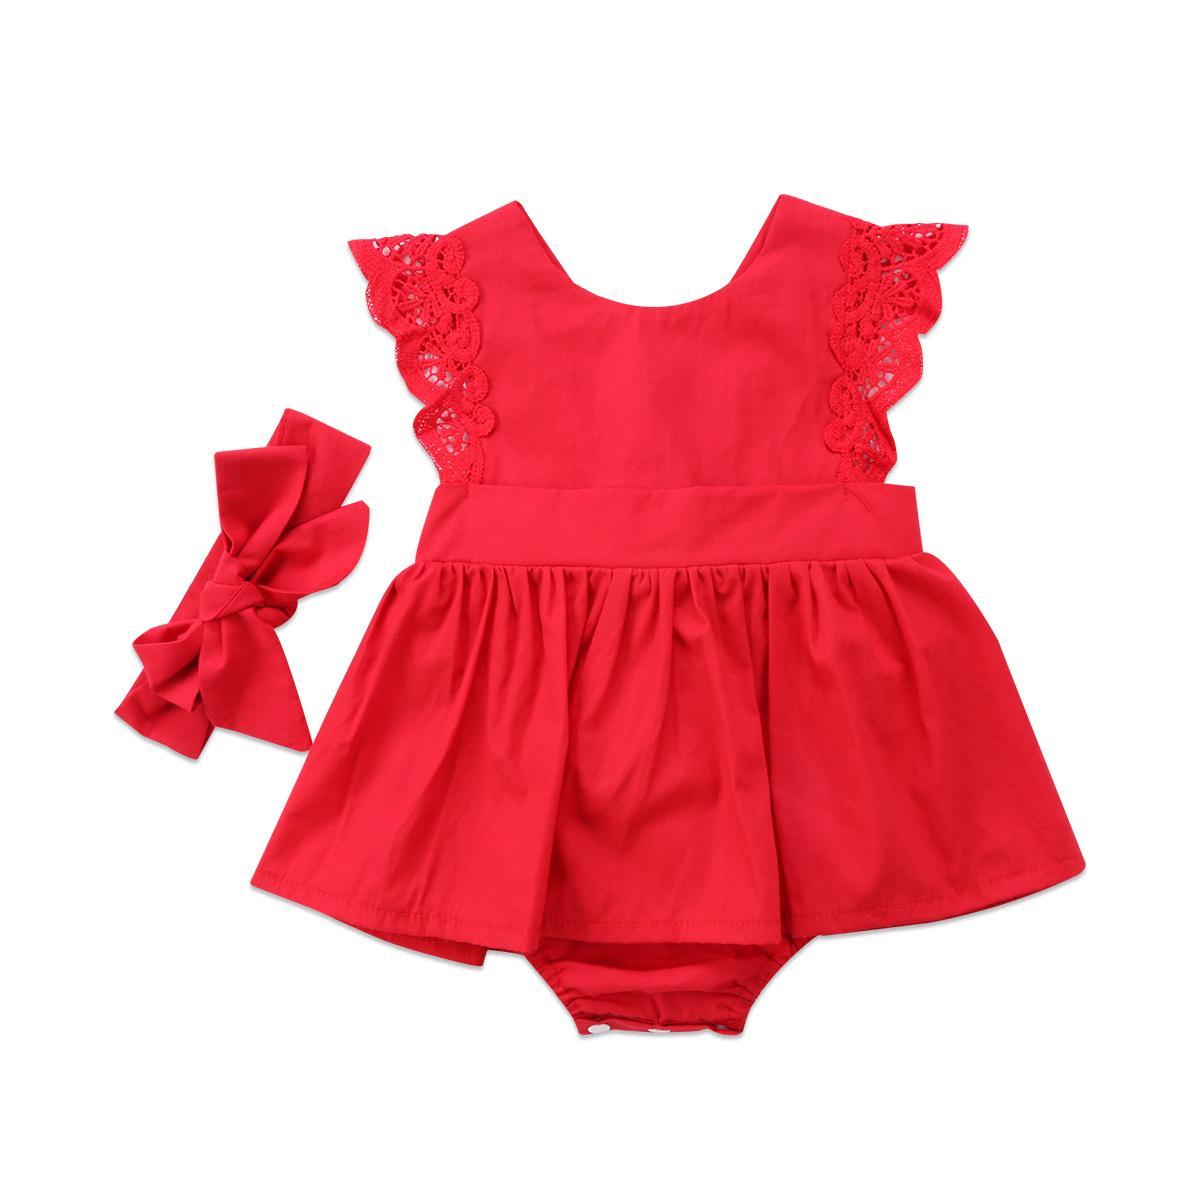 4b39c85b0de4f Acheter De Noël Bébé Fille Combishort Nouveau Né Enfants Barboteuse Bandeau  Princesse Robe Outfit Tutu Solide Rouge Vêtements Set Y18120801 De  23.15  Du ...